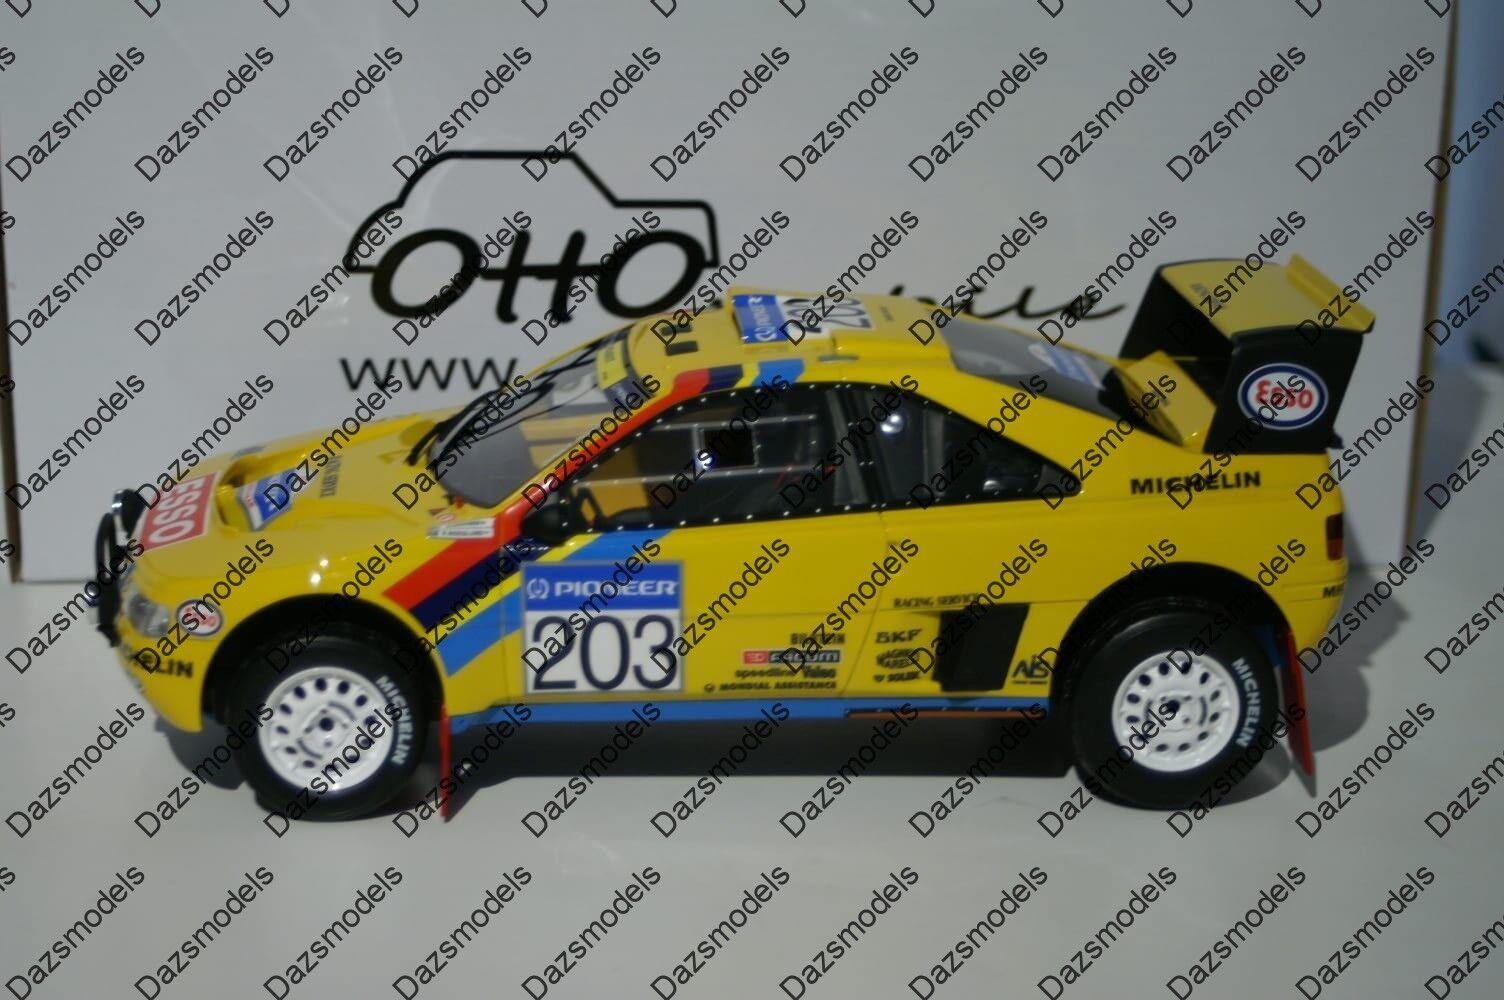 Otto Peugeot 405 T16 grand raid Ltd 2000 Résine  1 18 Voiture OT532  pas cher en ligne